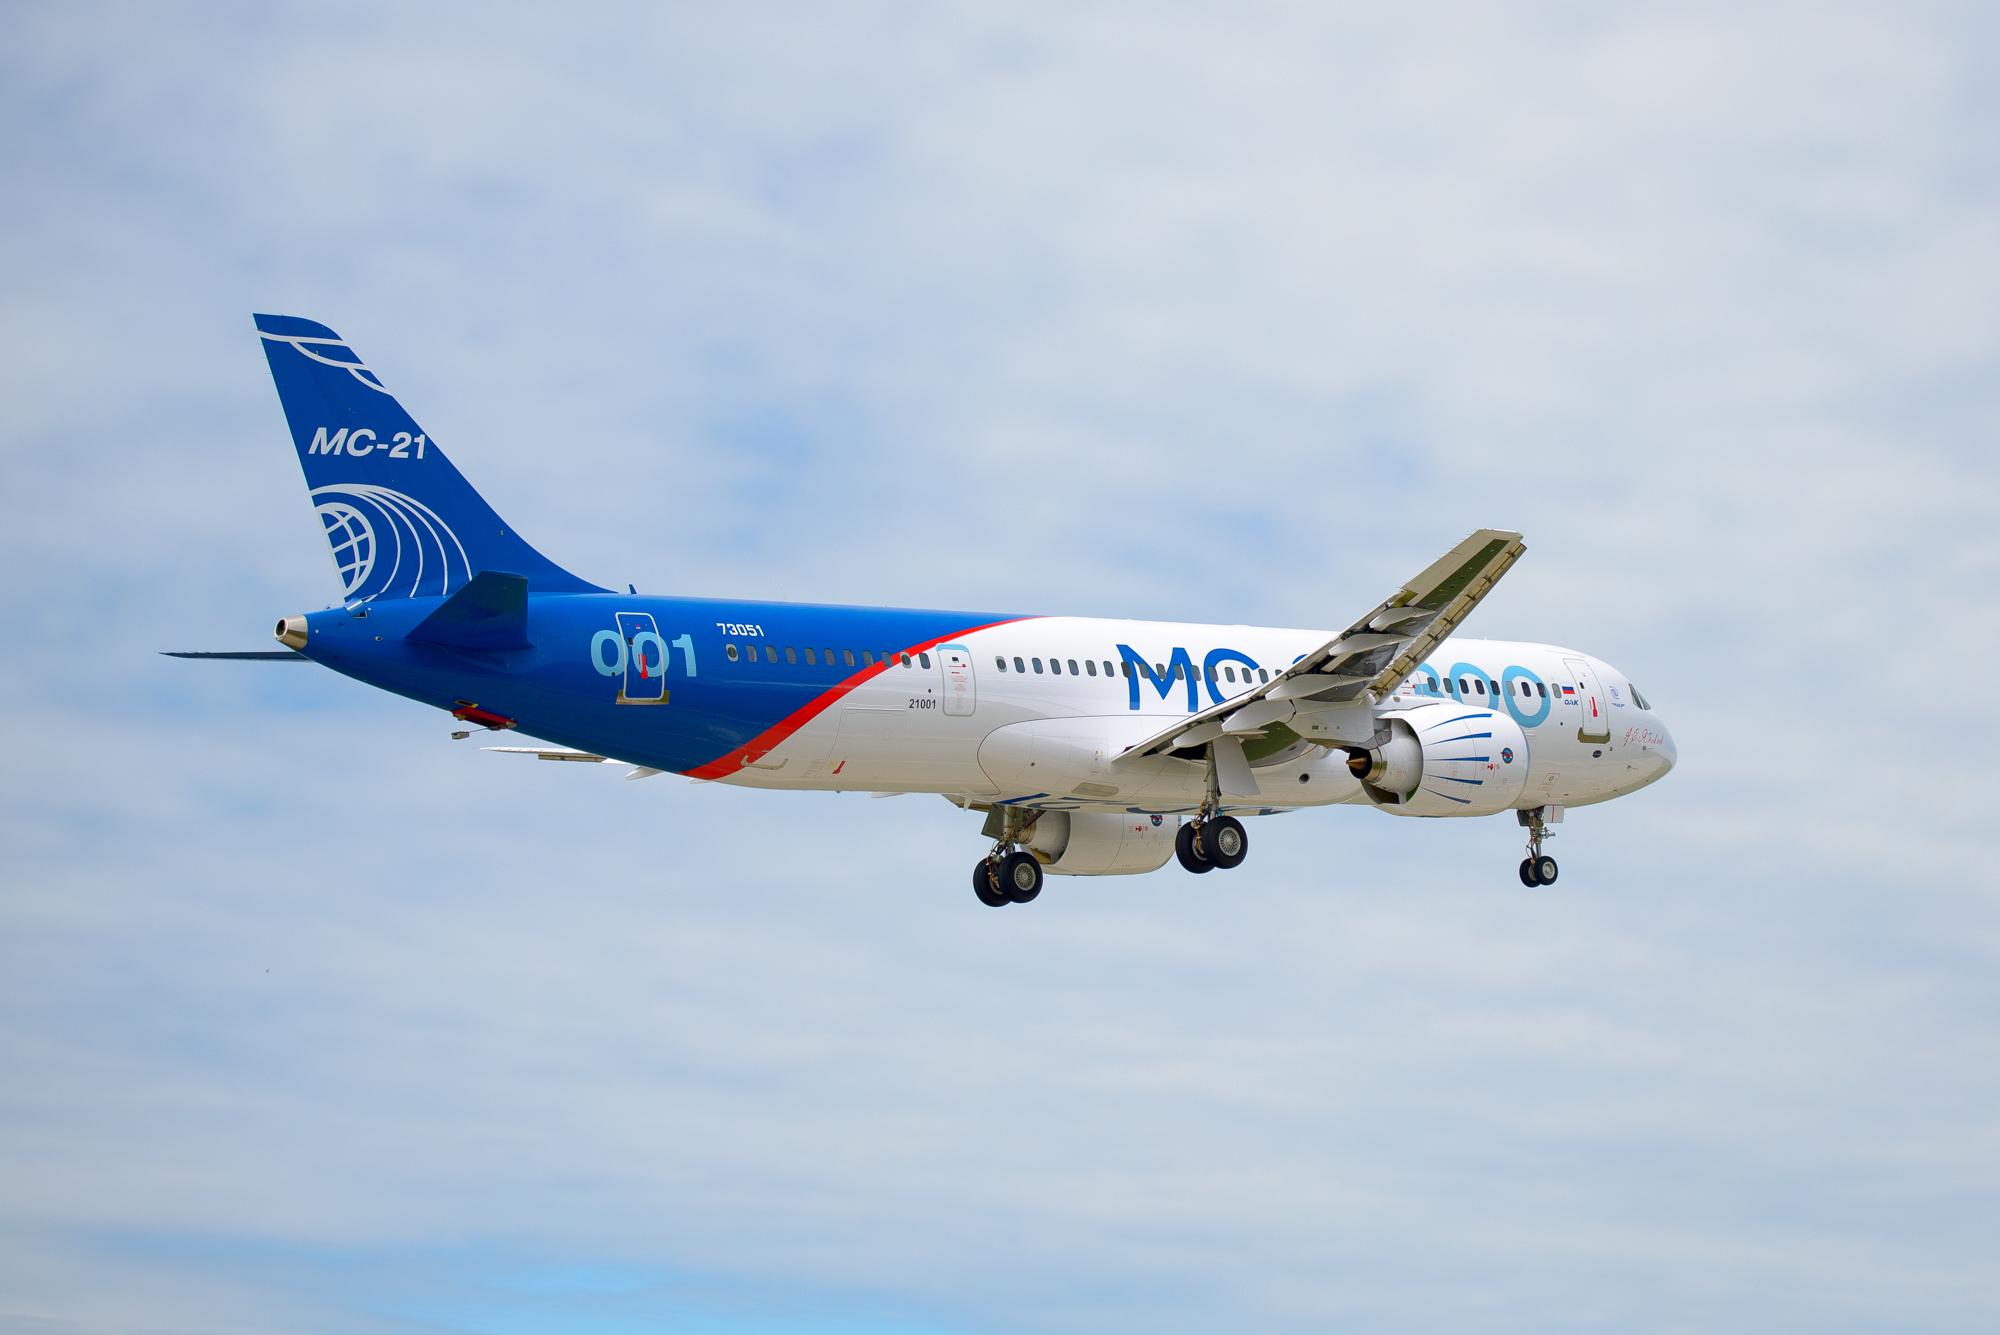 Preparando-se para a decolagem: novos itens da indústria da aviação civil russa